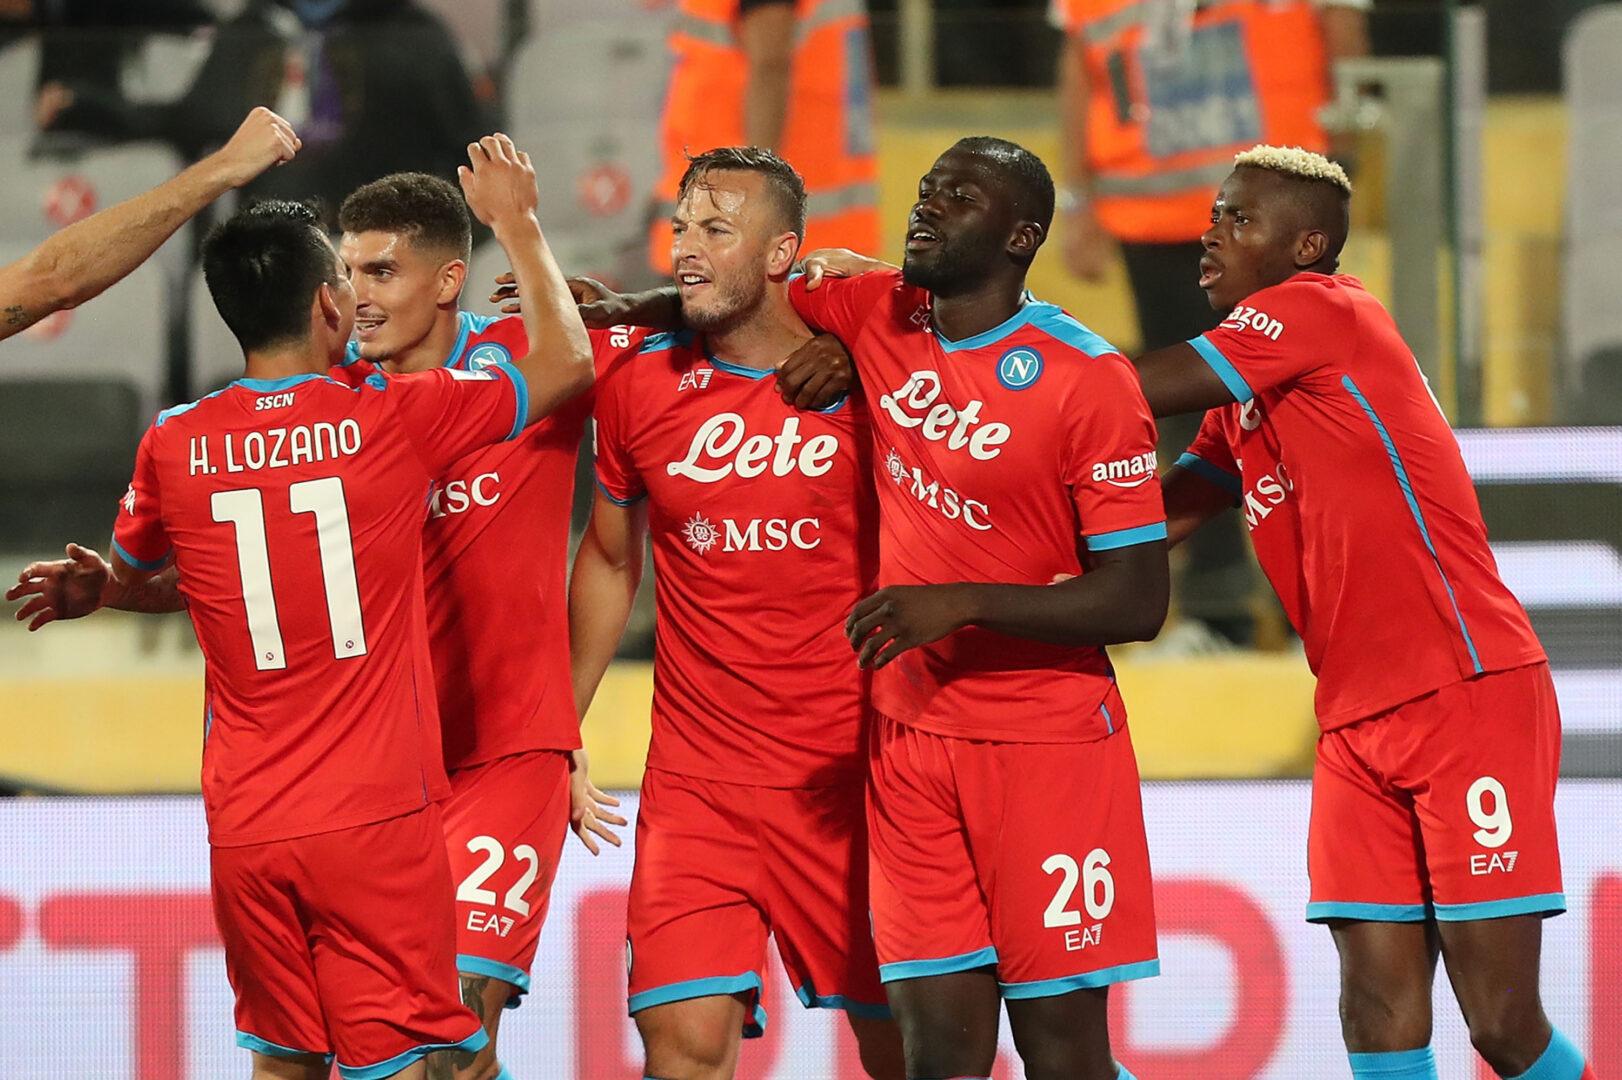 Die SSC Napoli bejubelt das 2:1.